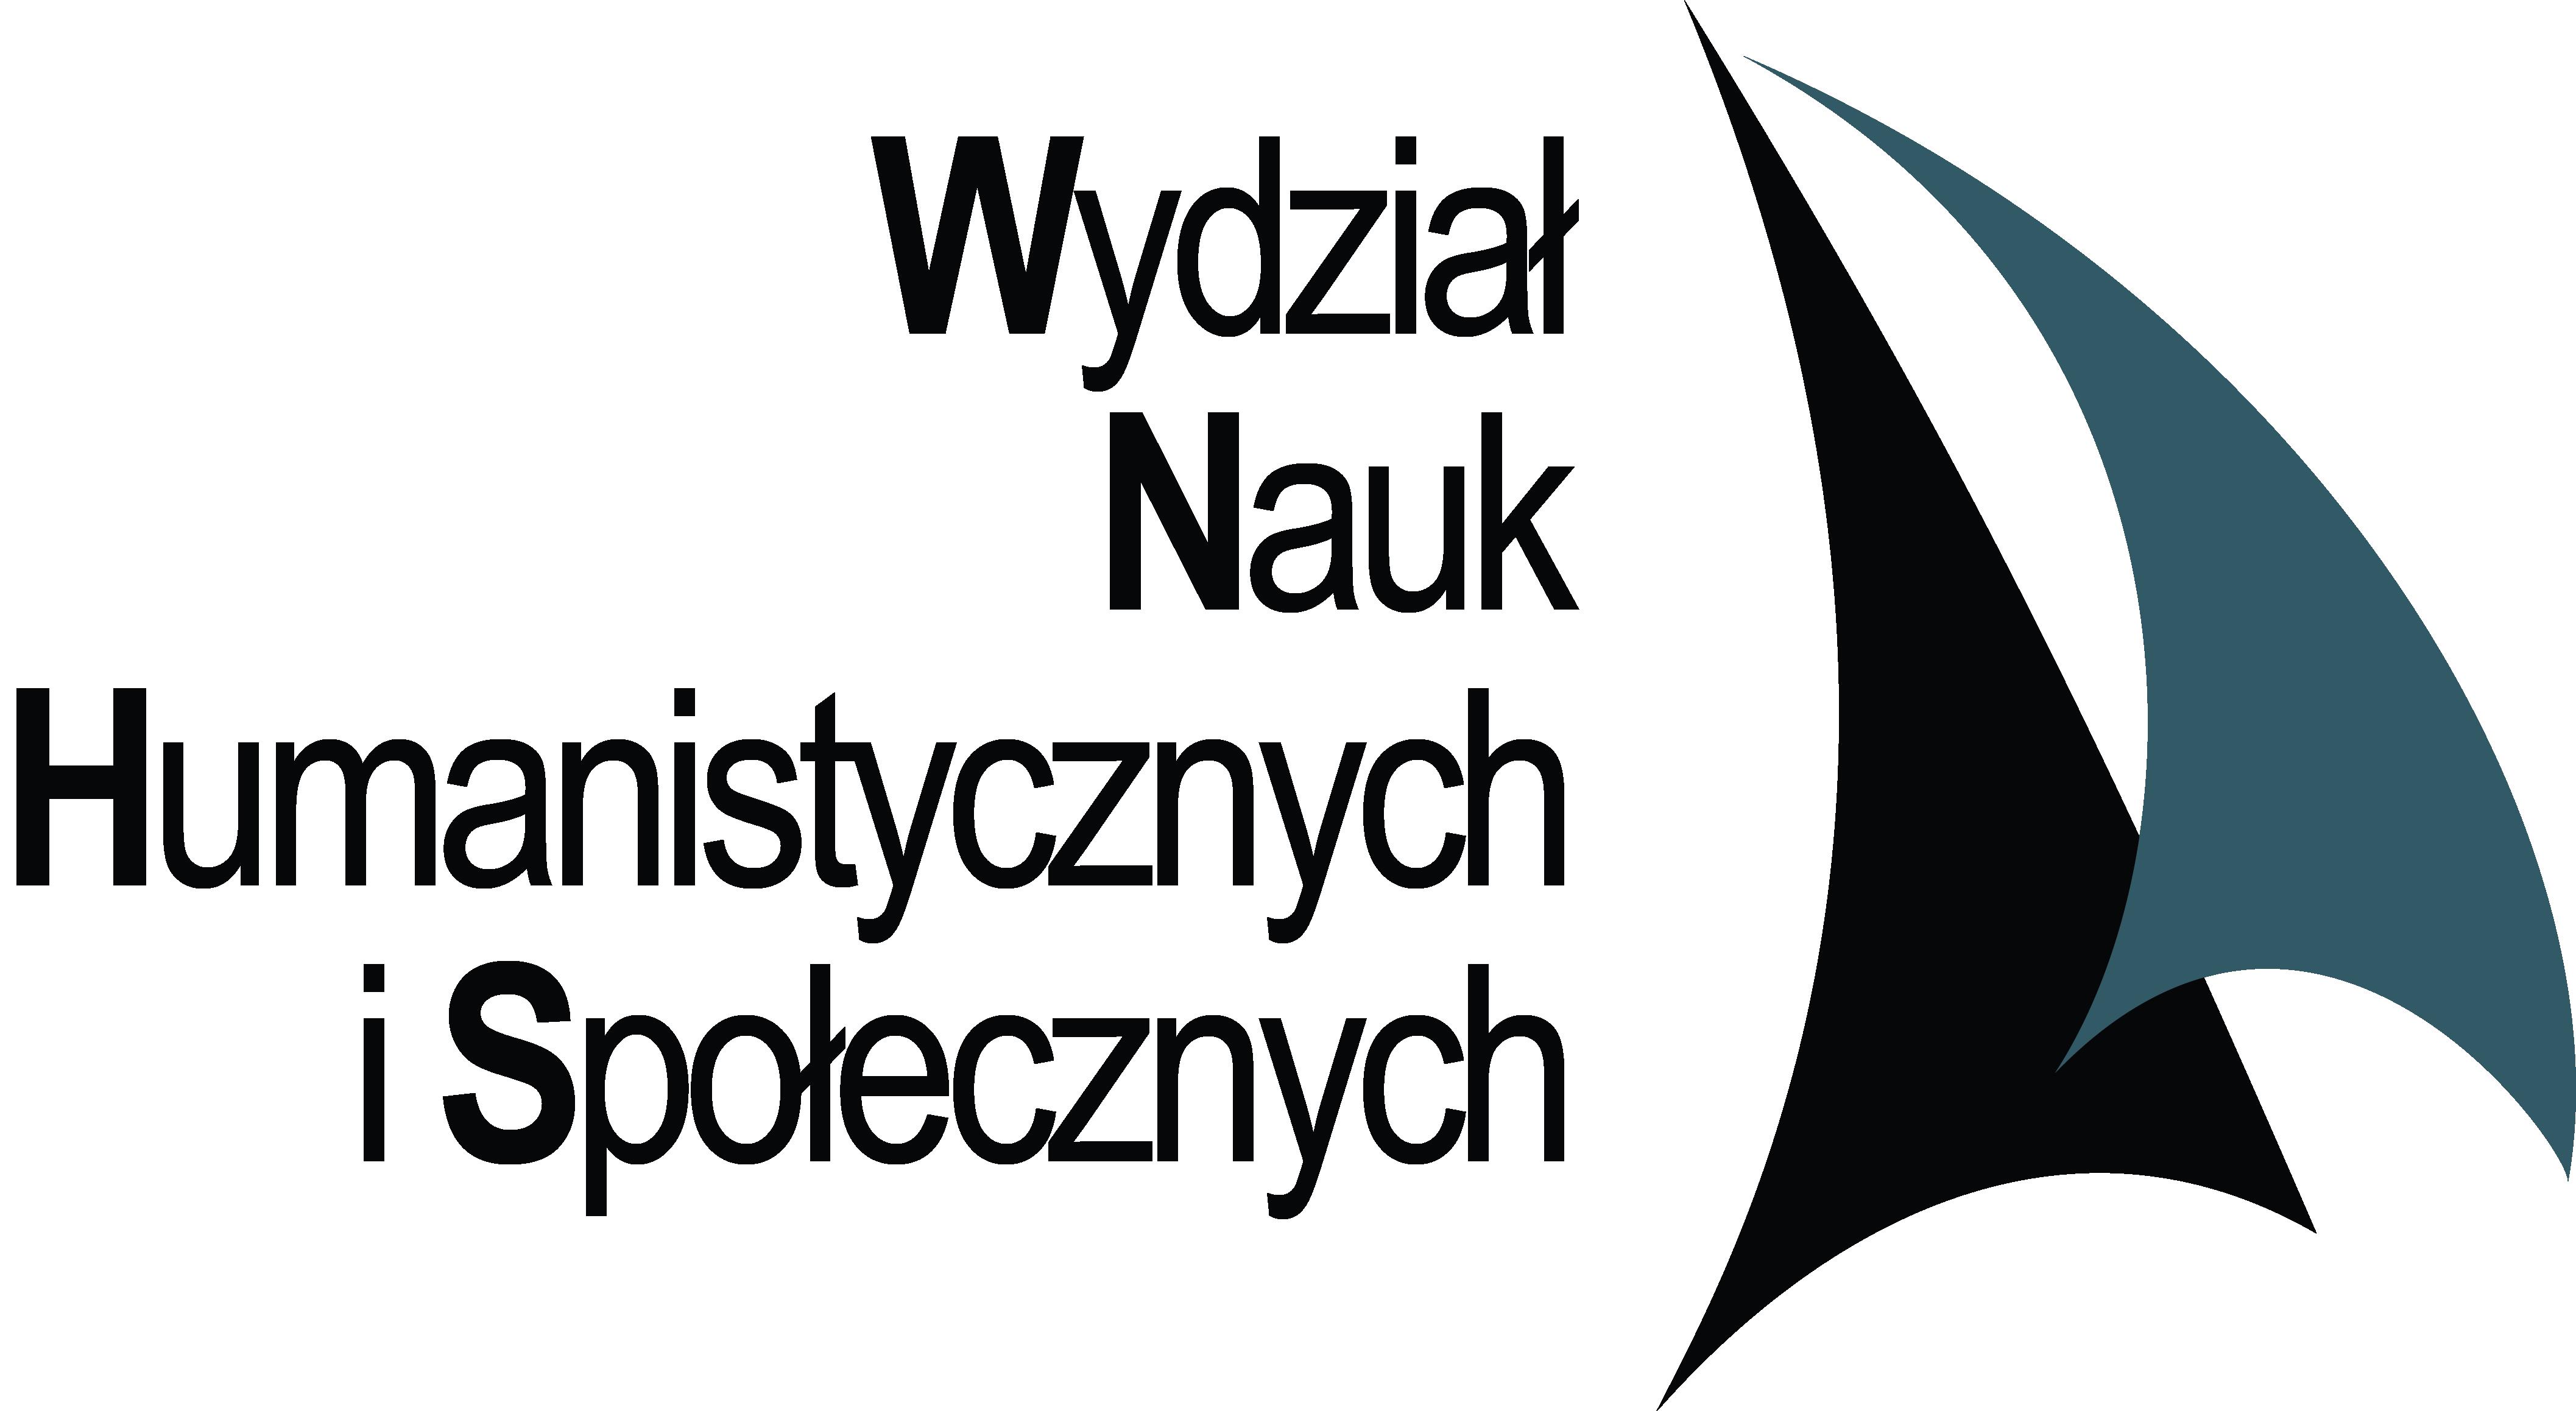 Akademia Marynarki Wojennej w Gdyni im. Bohaterów Westerplatte - Wydział Nauk Humanistycznych i Społecznych. Logo